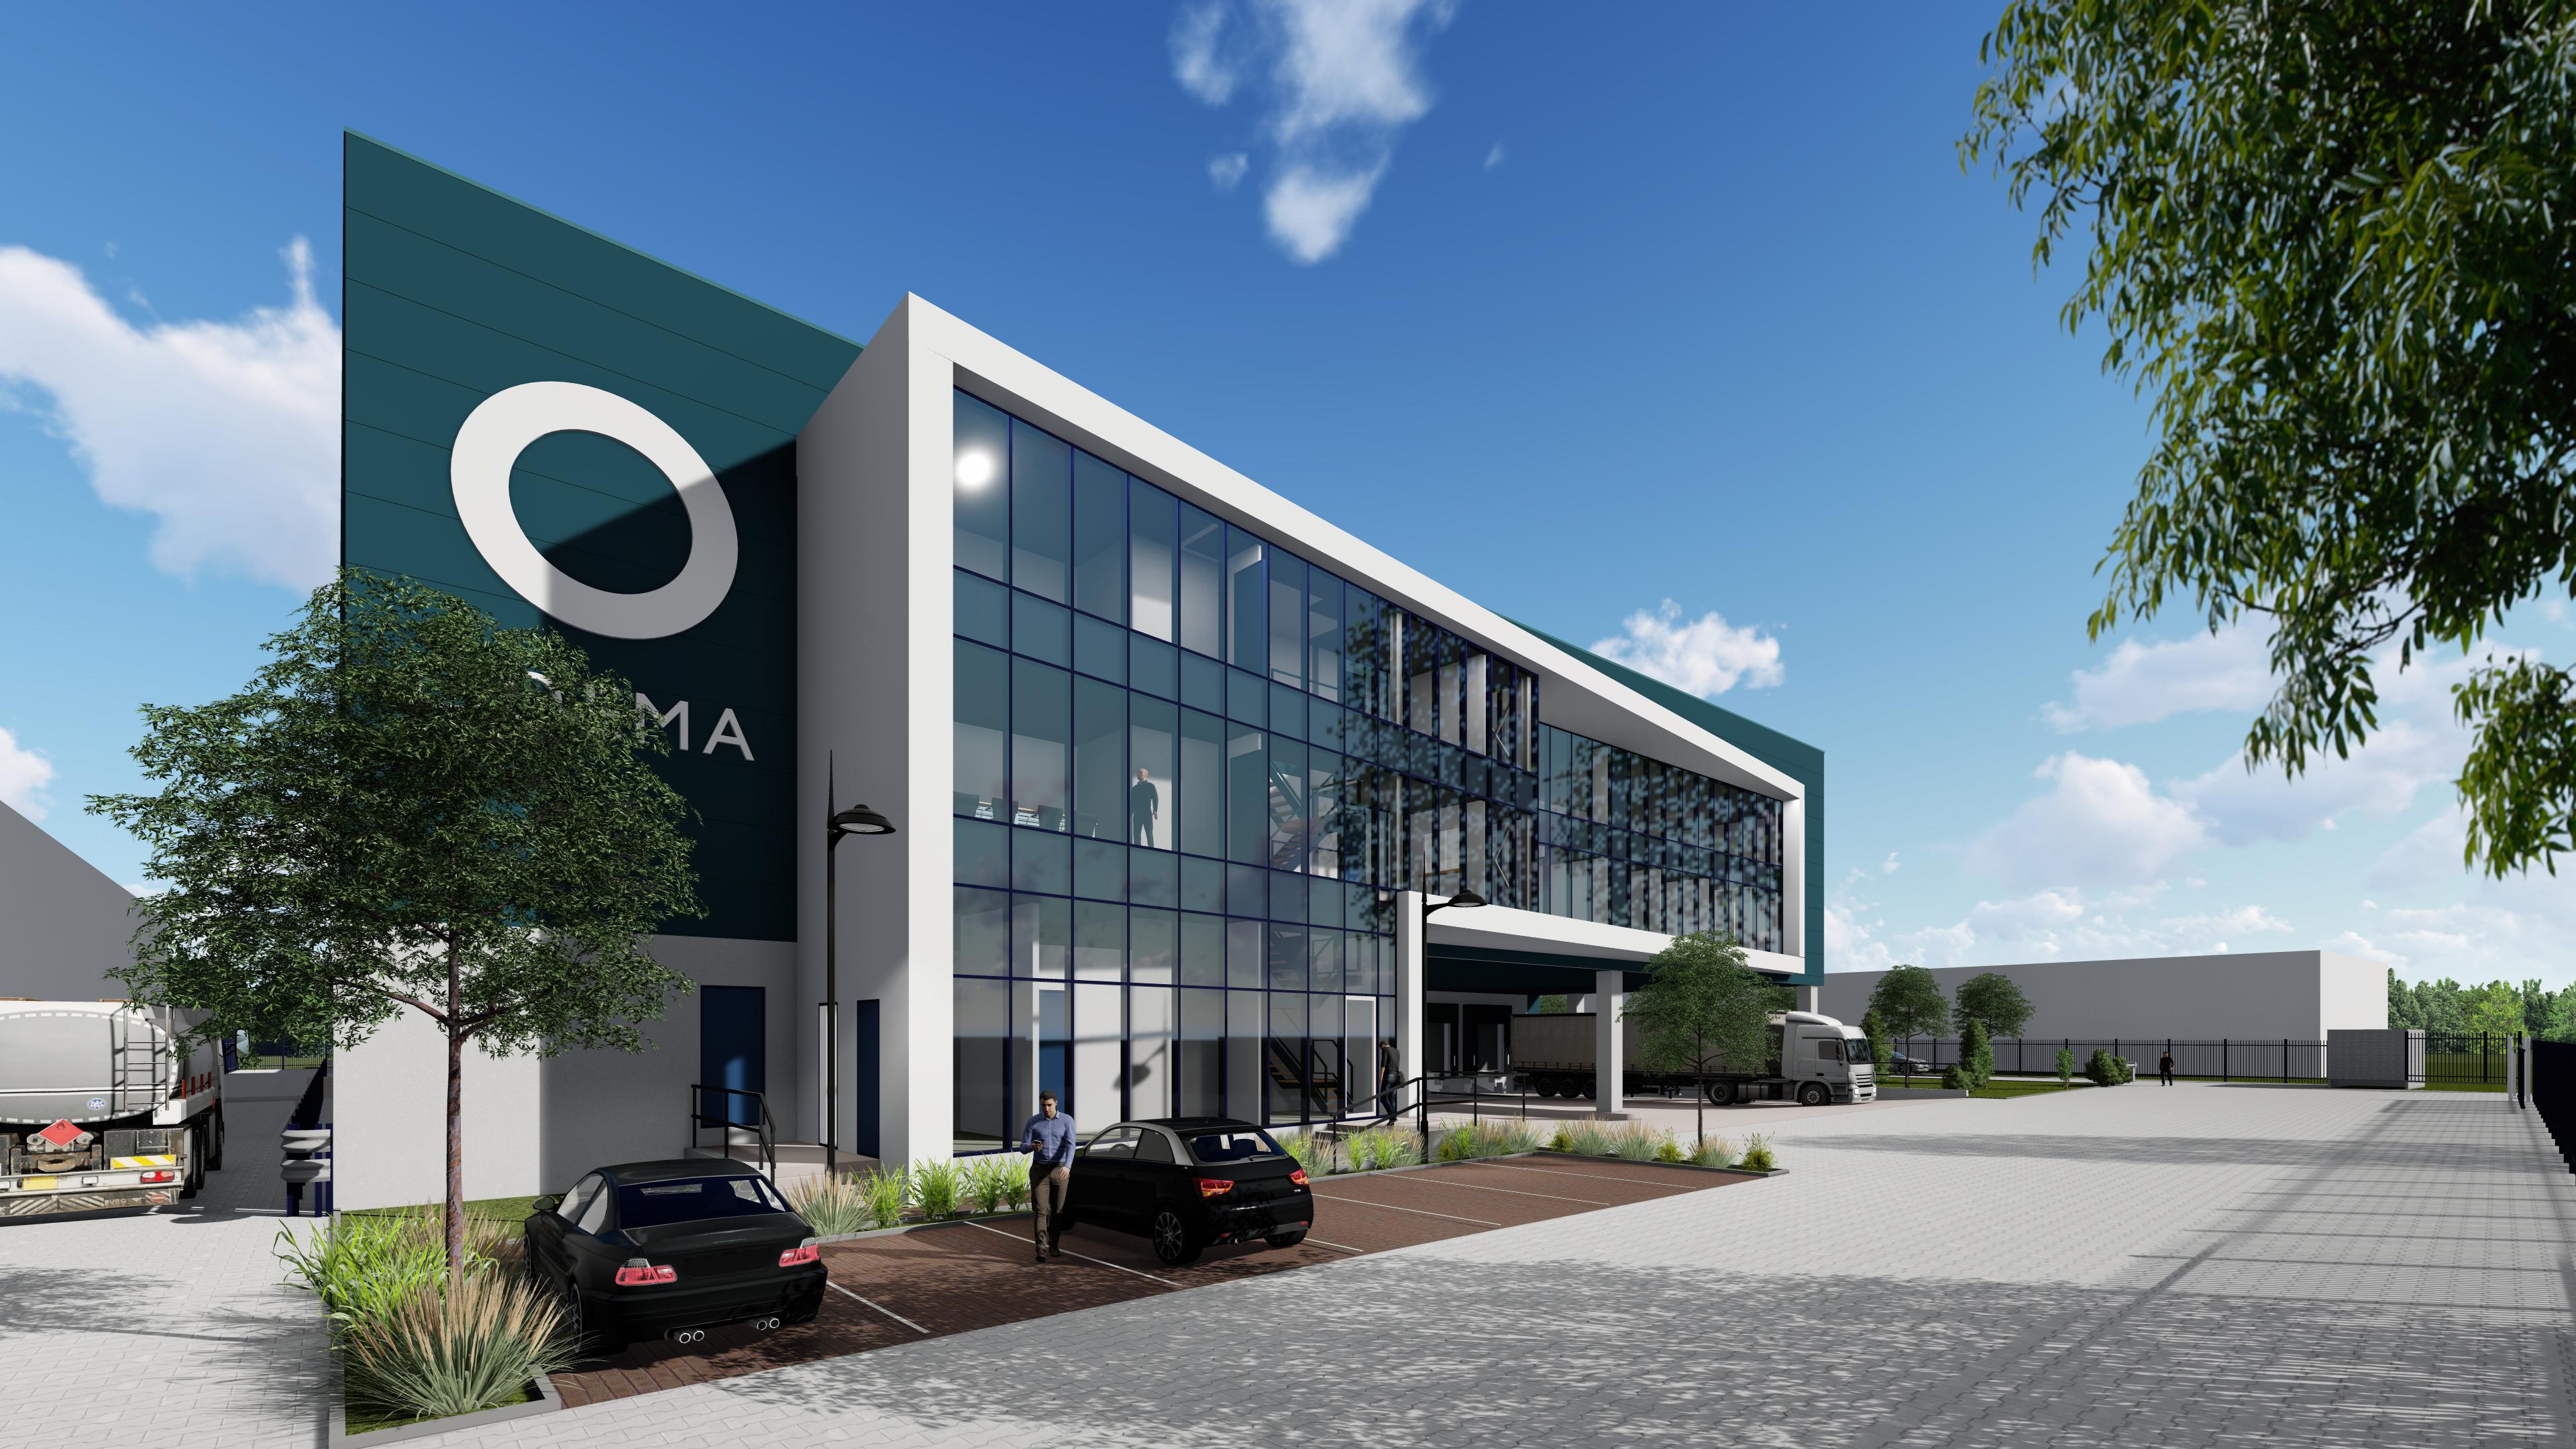 OQEMA Ltd